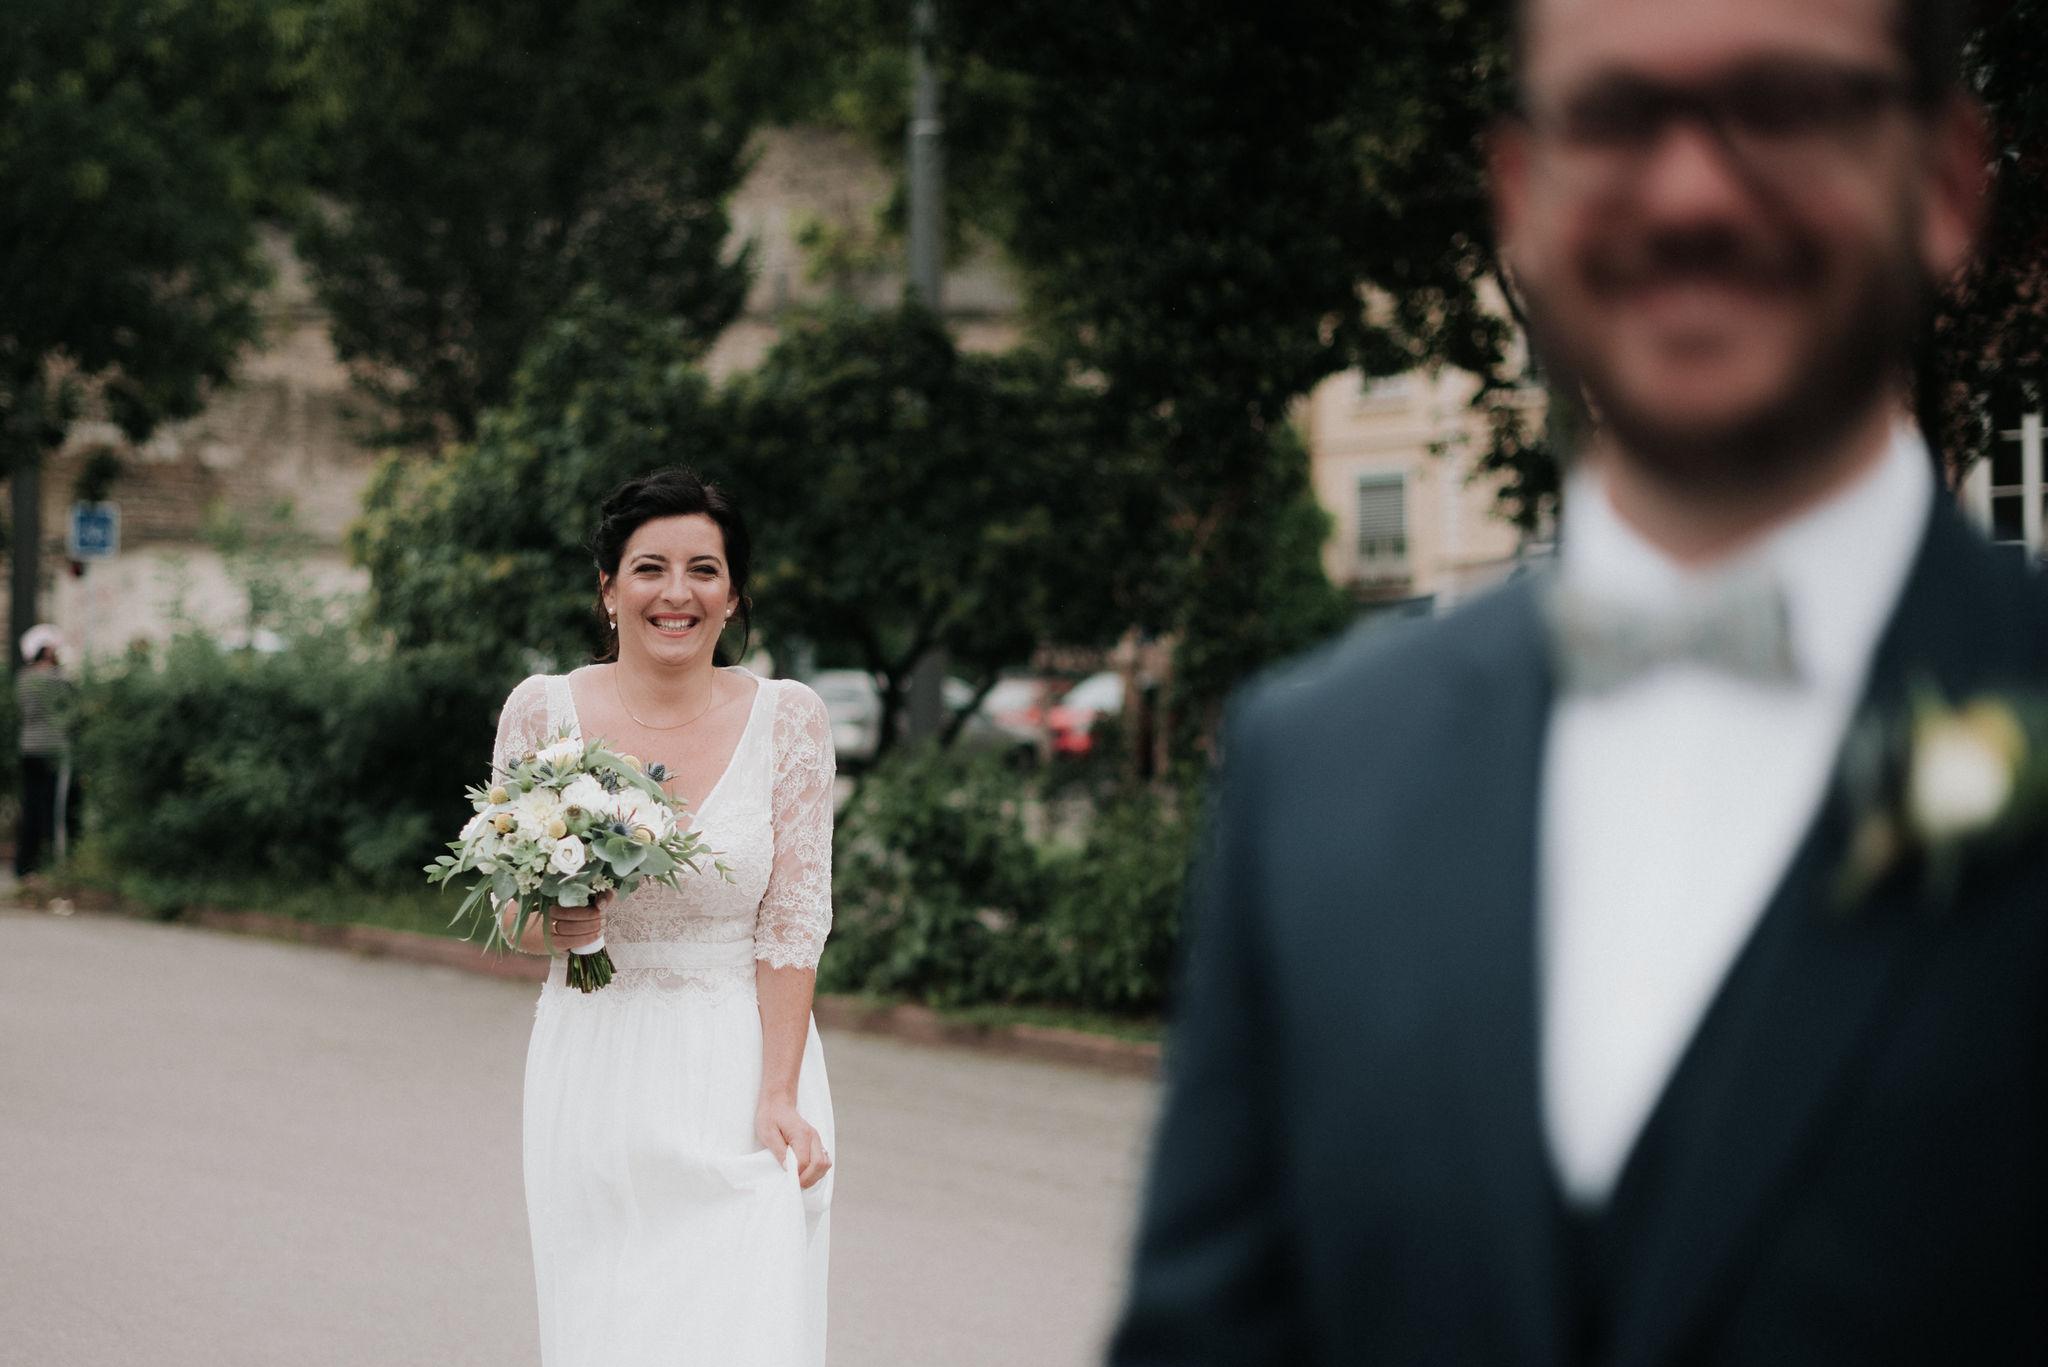 Léa-Fery-photographe-professionnel-lyon-rhone-alpes-portrait-creation-mariage-evenement-evenementiel-famille-6099.jpg